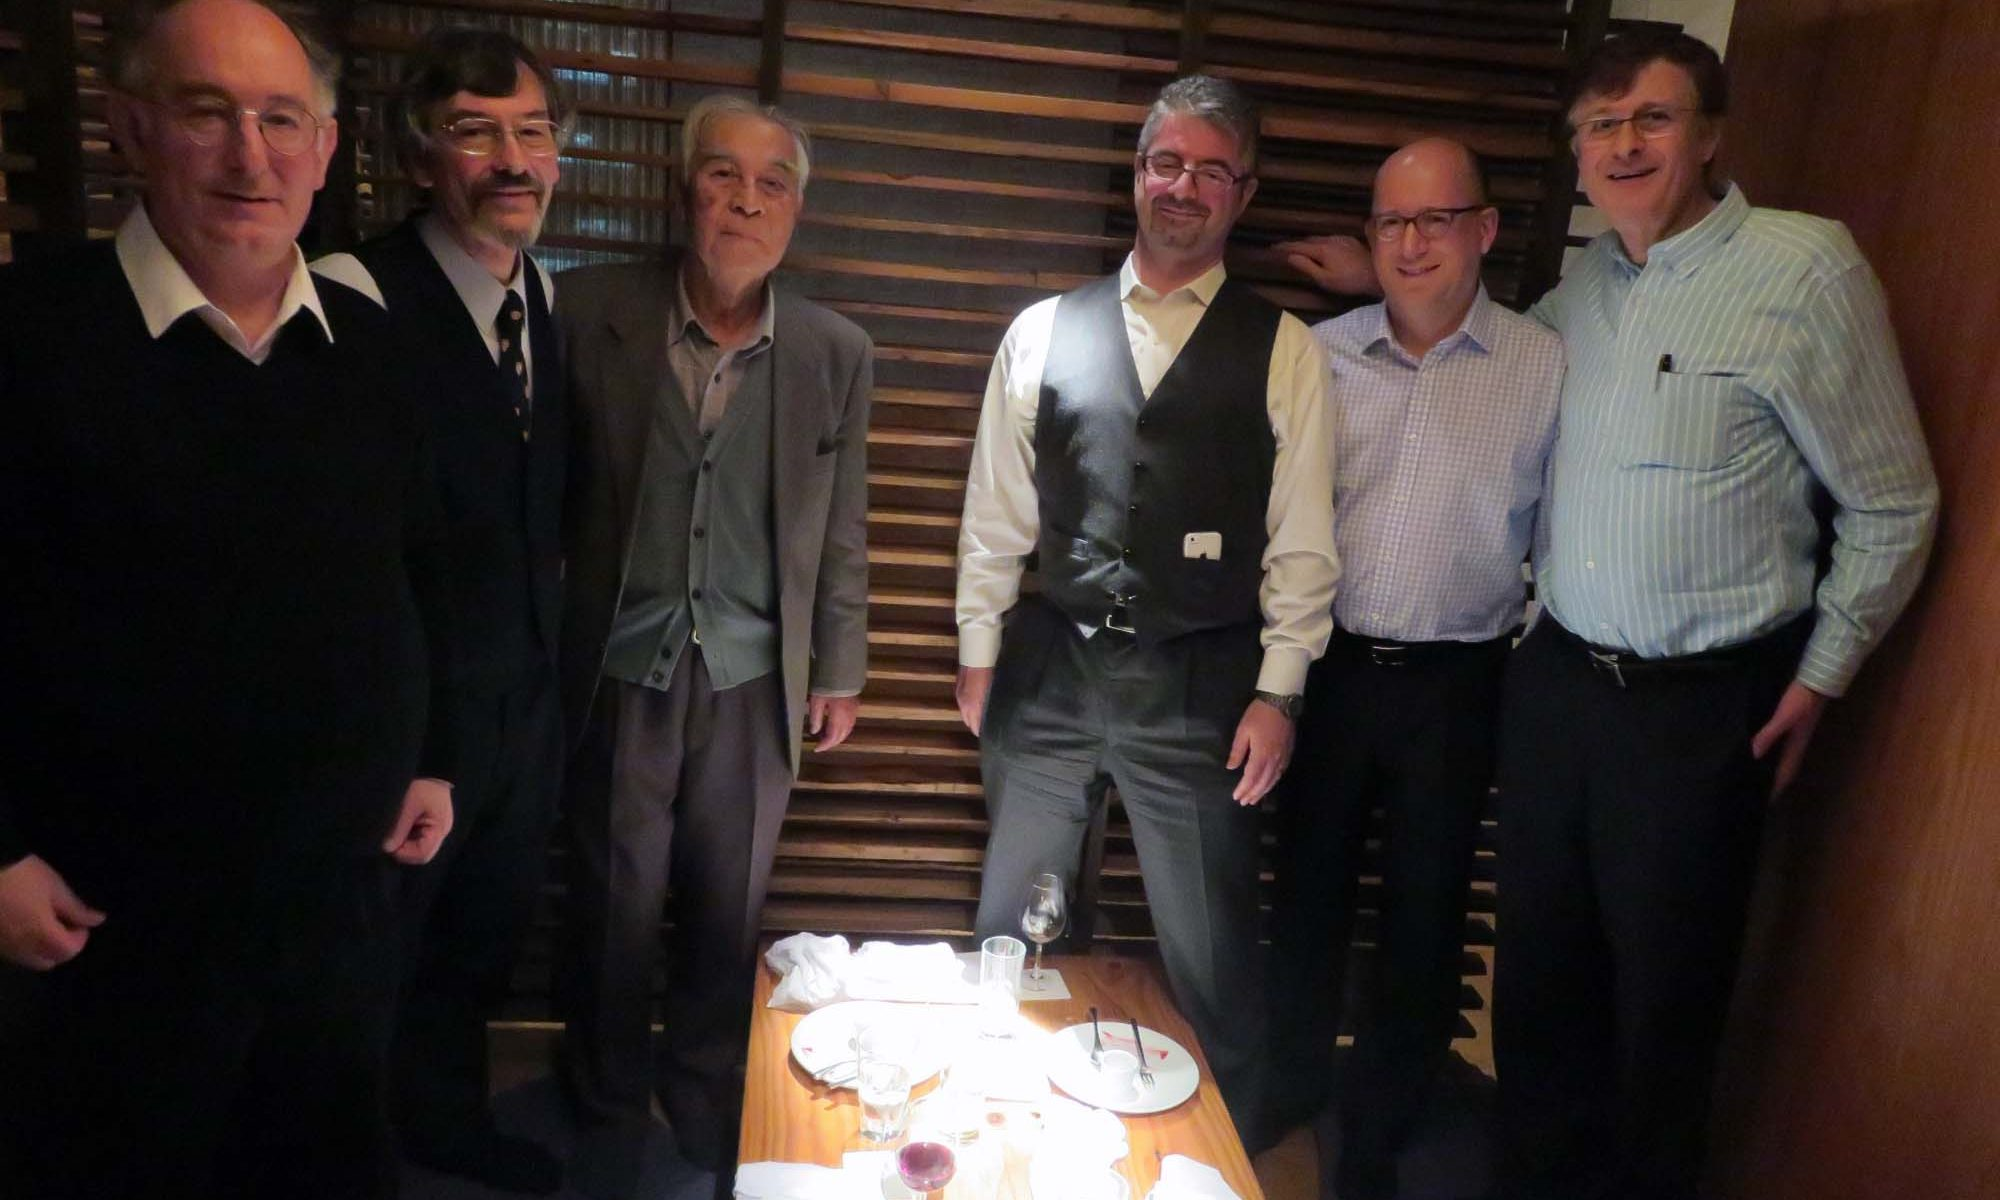 トリニティー・イン・ジャパンのミーティング、ドミニク・リーベン教授はトリニティーカレッジのシニアー研究フェロー兼研究教授